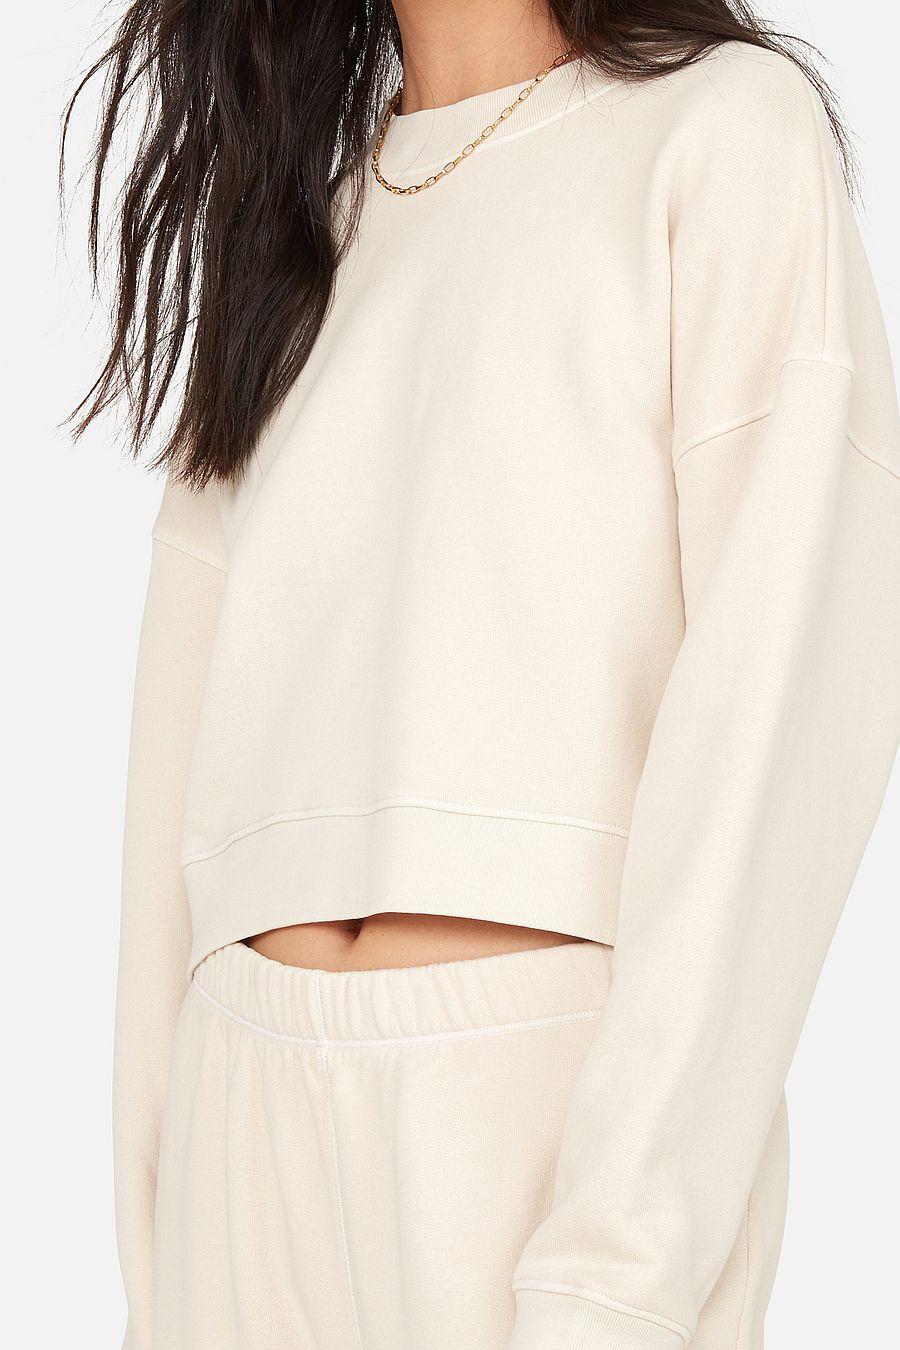 MATE The Label Fleece Crop Sweatshirt - BONE